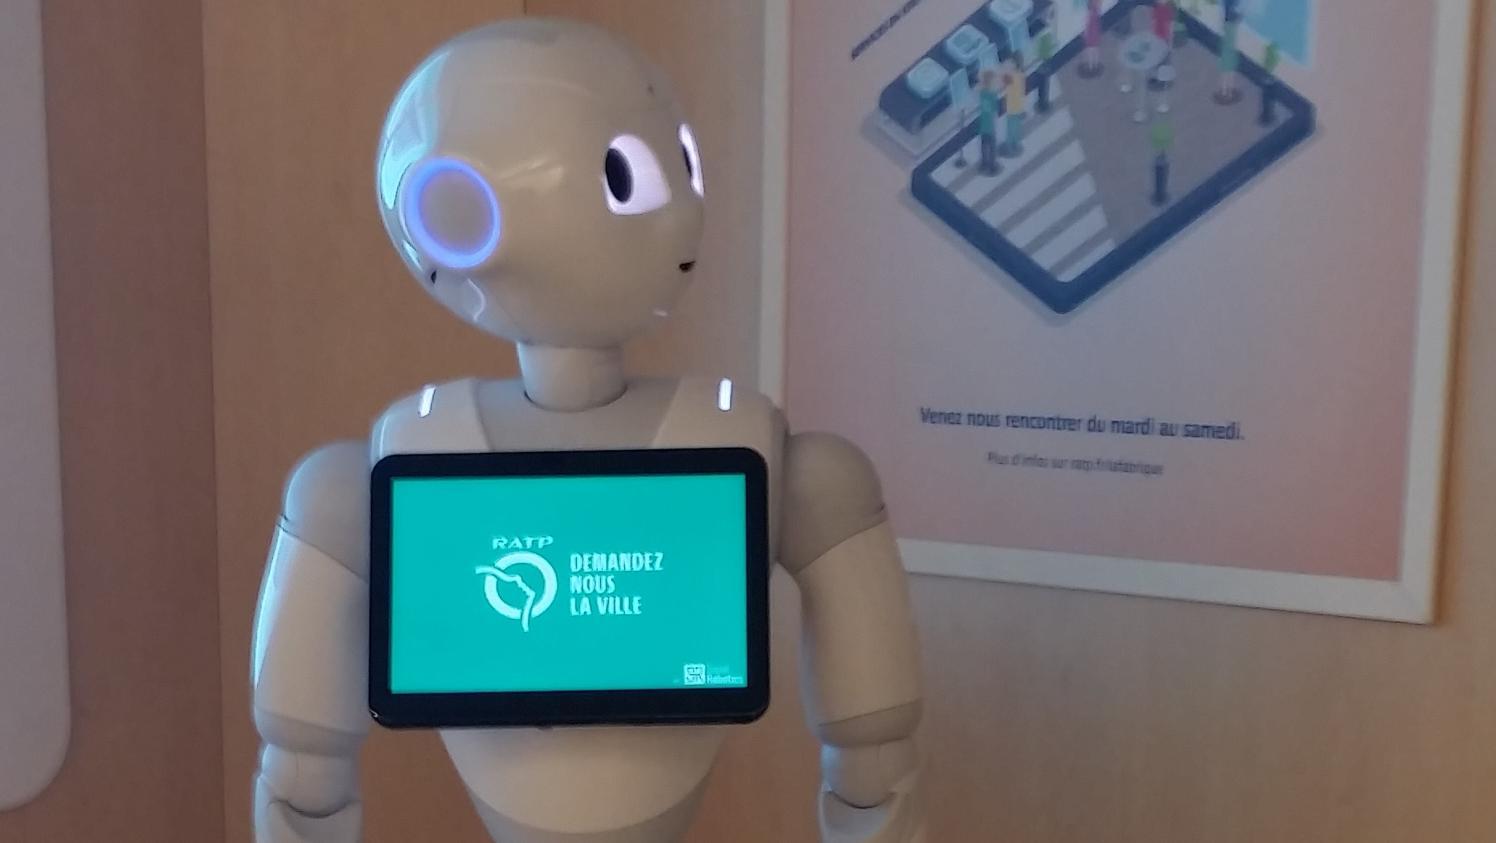 Pepper, un robot humanoïde expérimenté pour informer les voyageurs de la RATP, une première en France